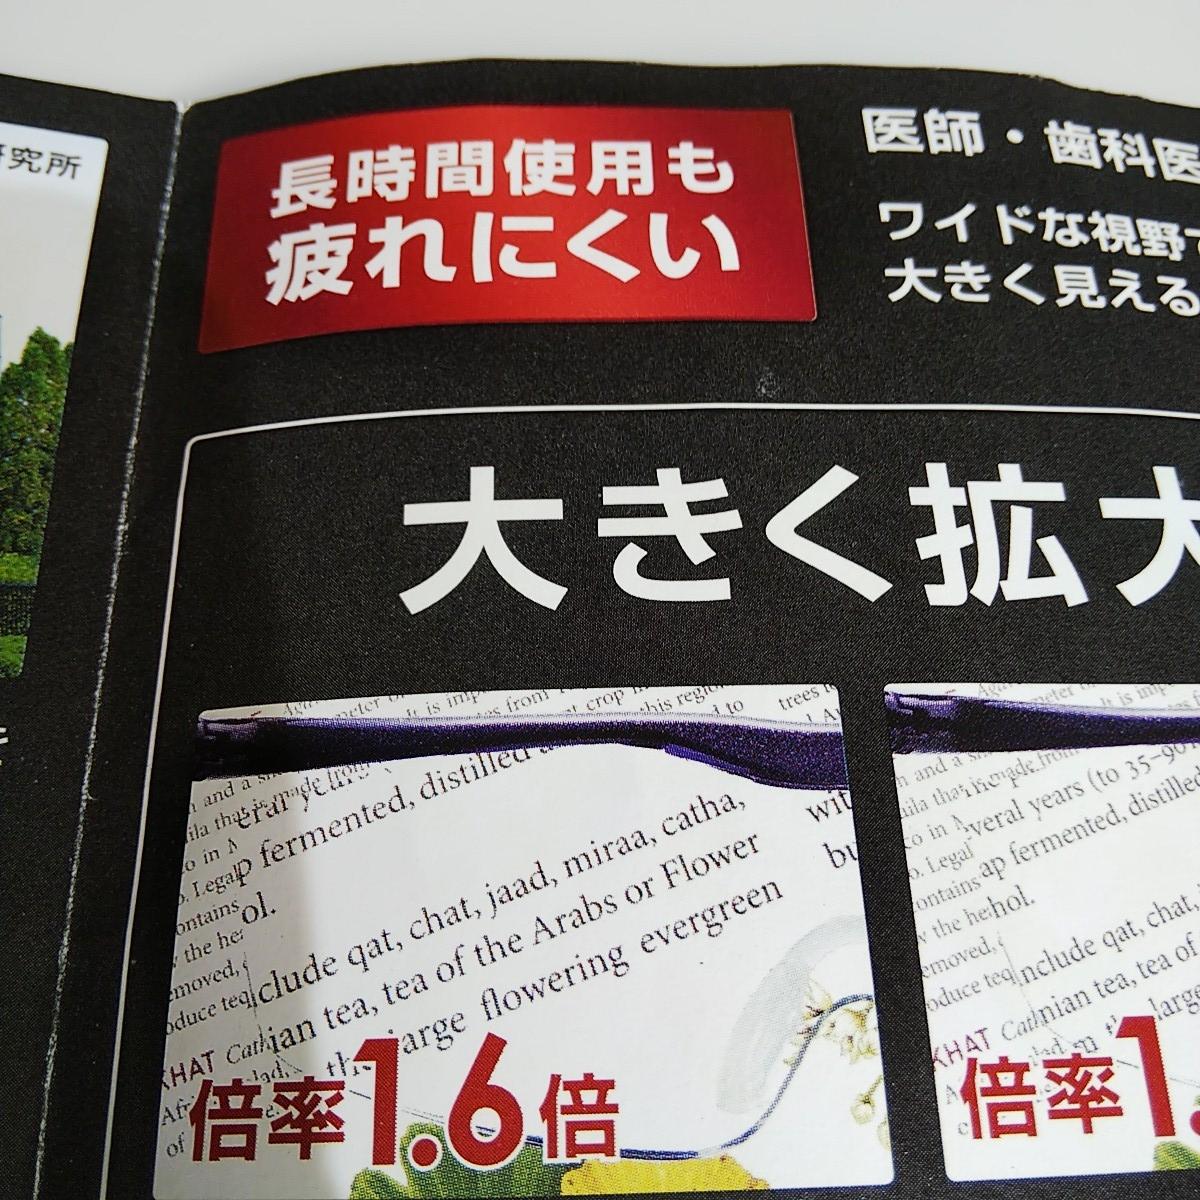 在庫あと2本 小さなサンプル印タイプ ハズキルーペラージ1.6倍紫ラメクリアレンズ新品サンプル本体のみカタログつきません。_画像7